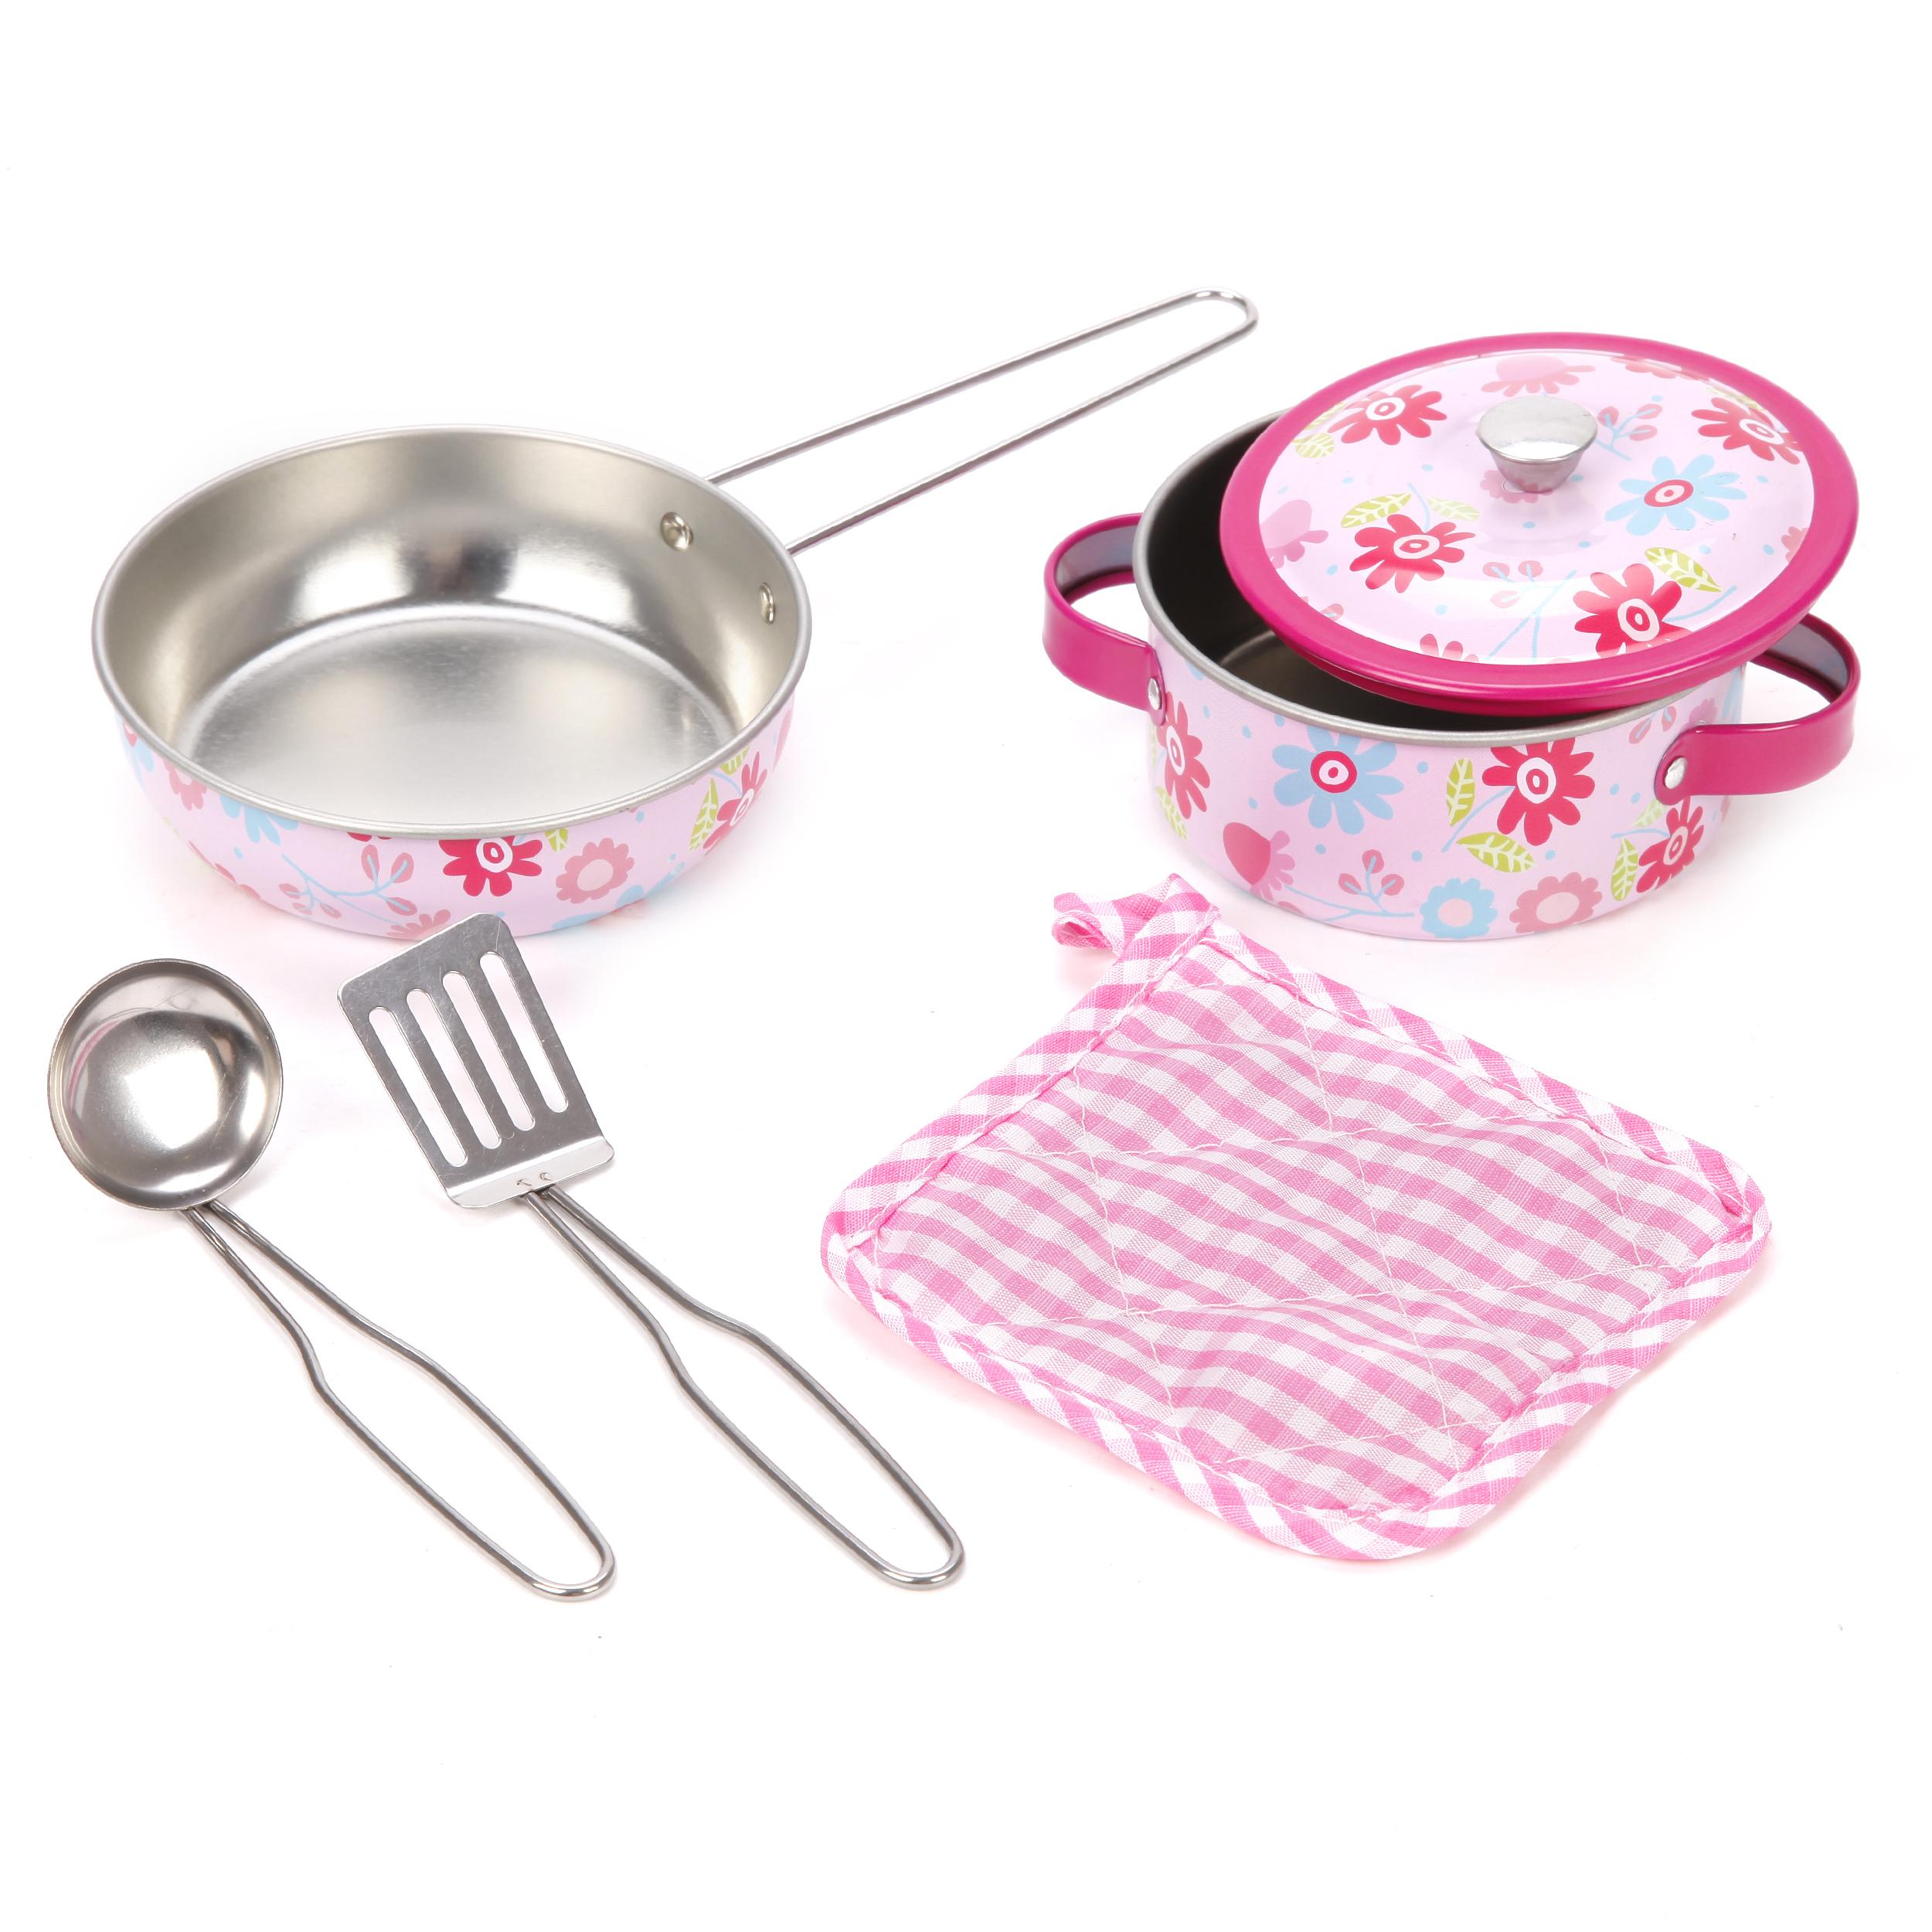 Игровой набор металлической посуды Mary Poppins Цветы мешок для обуви mary poppins с ручками цветы